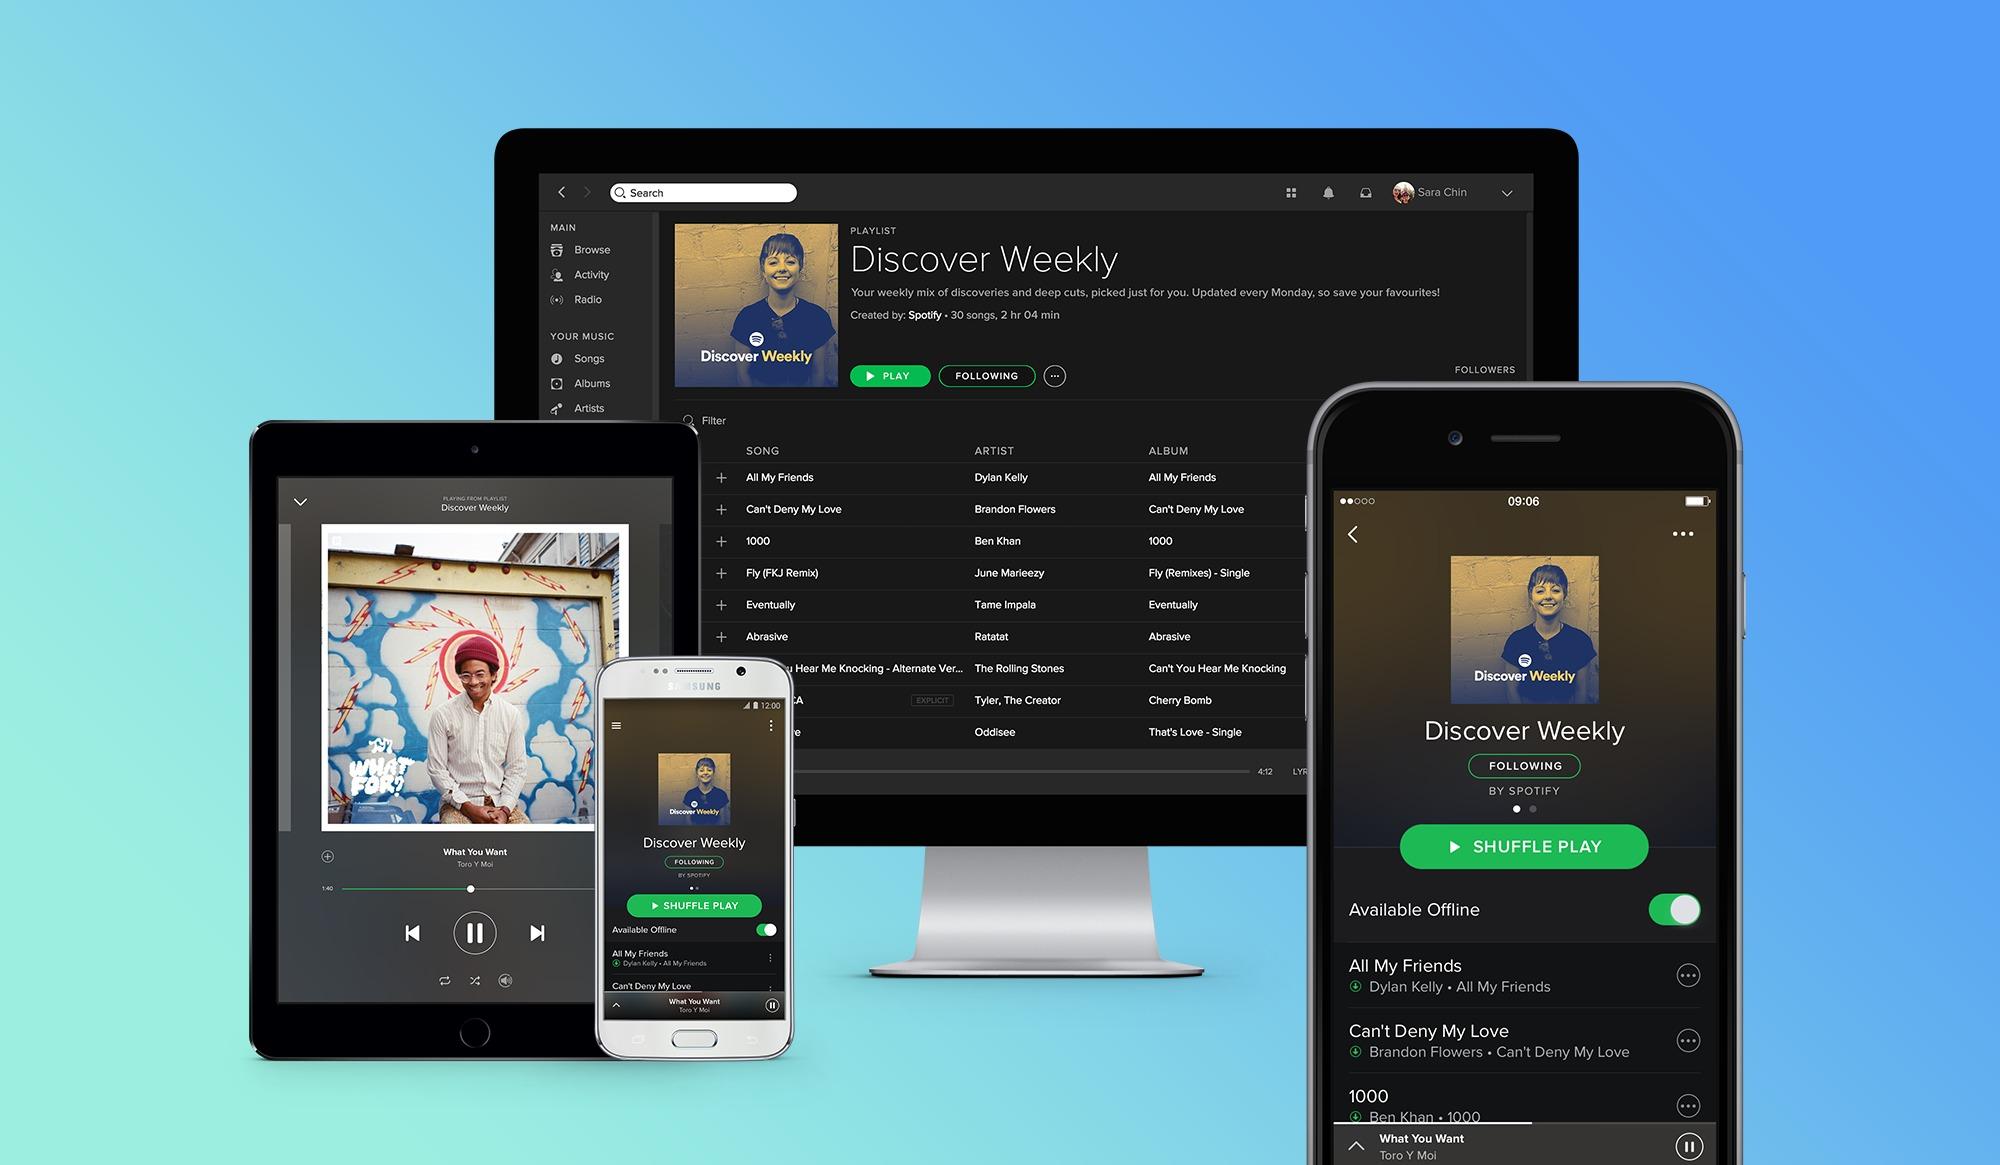 Spotify fjerner musikk fra band med «hatefulle ytringer».